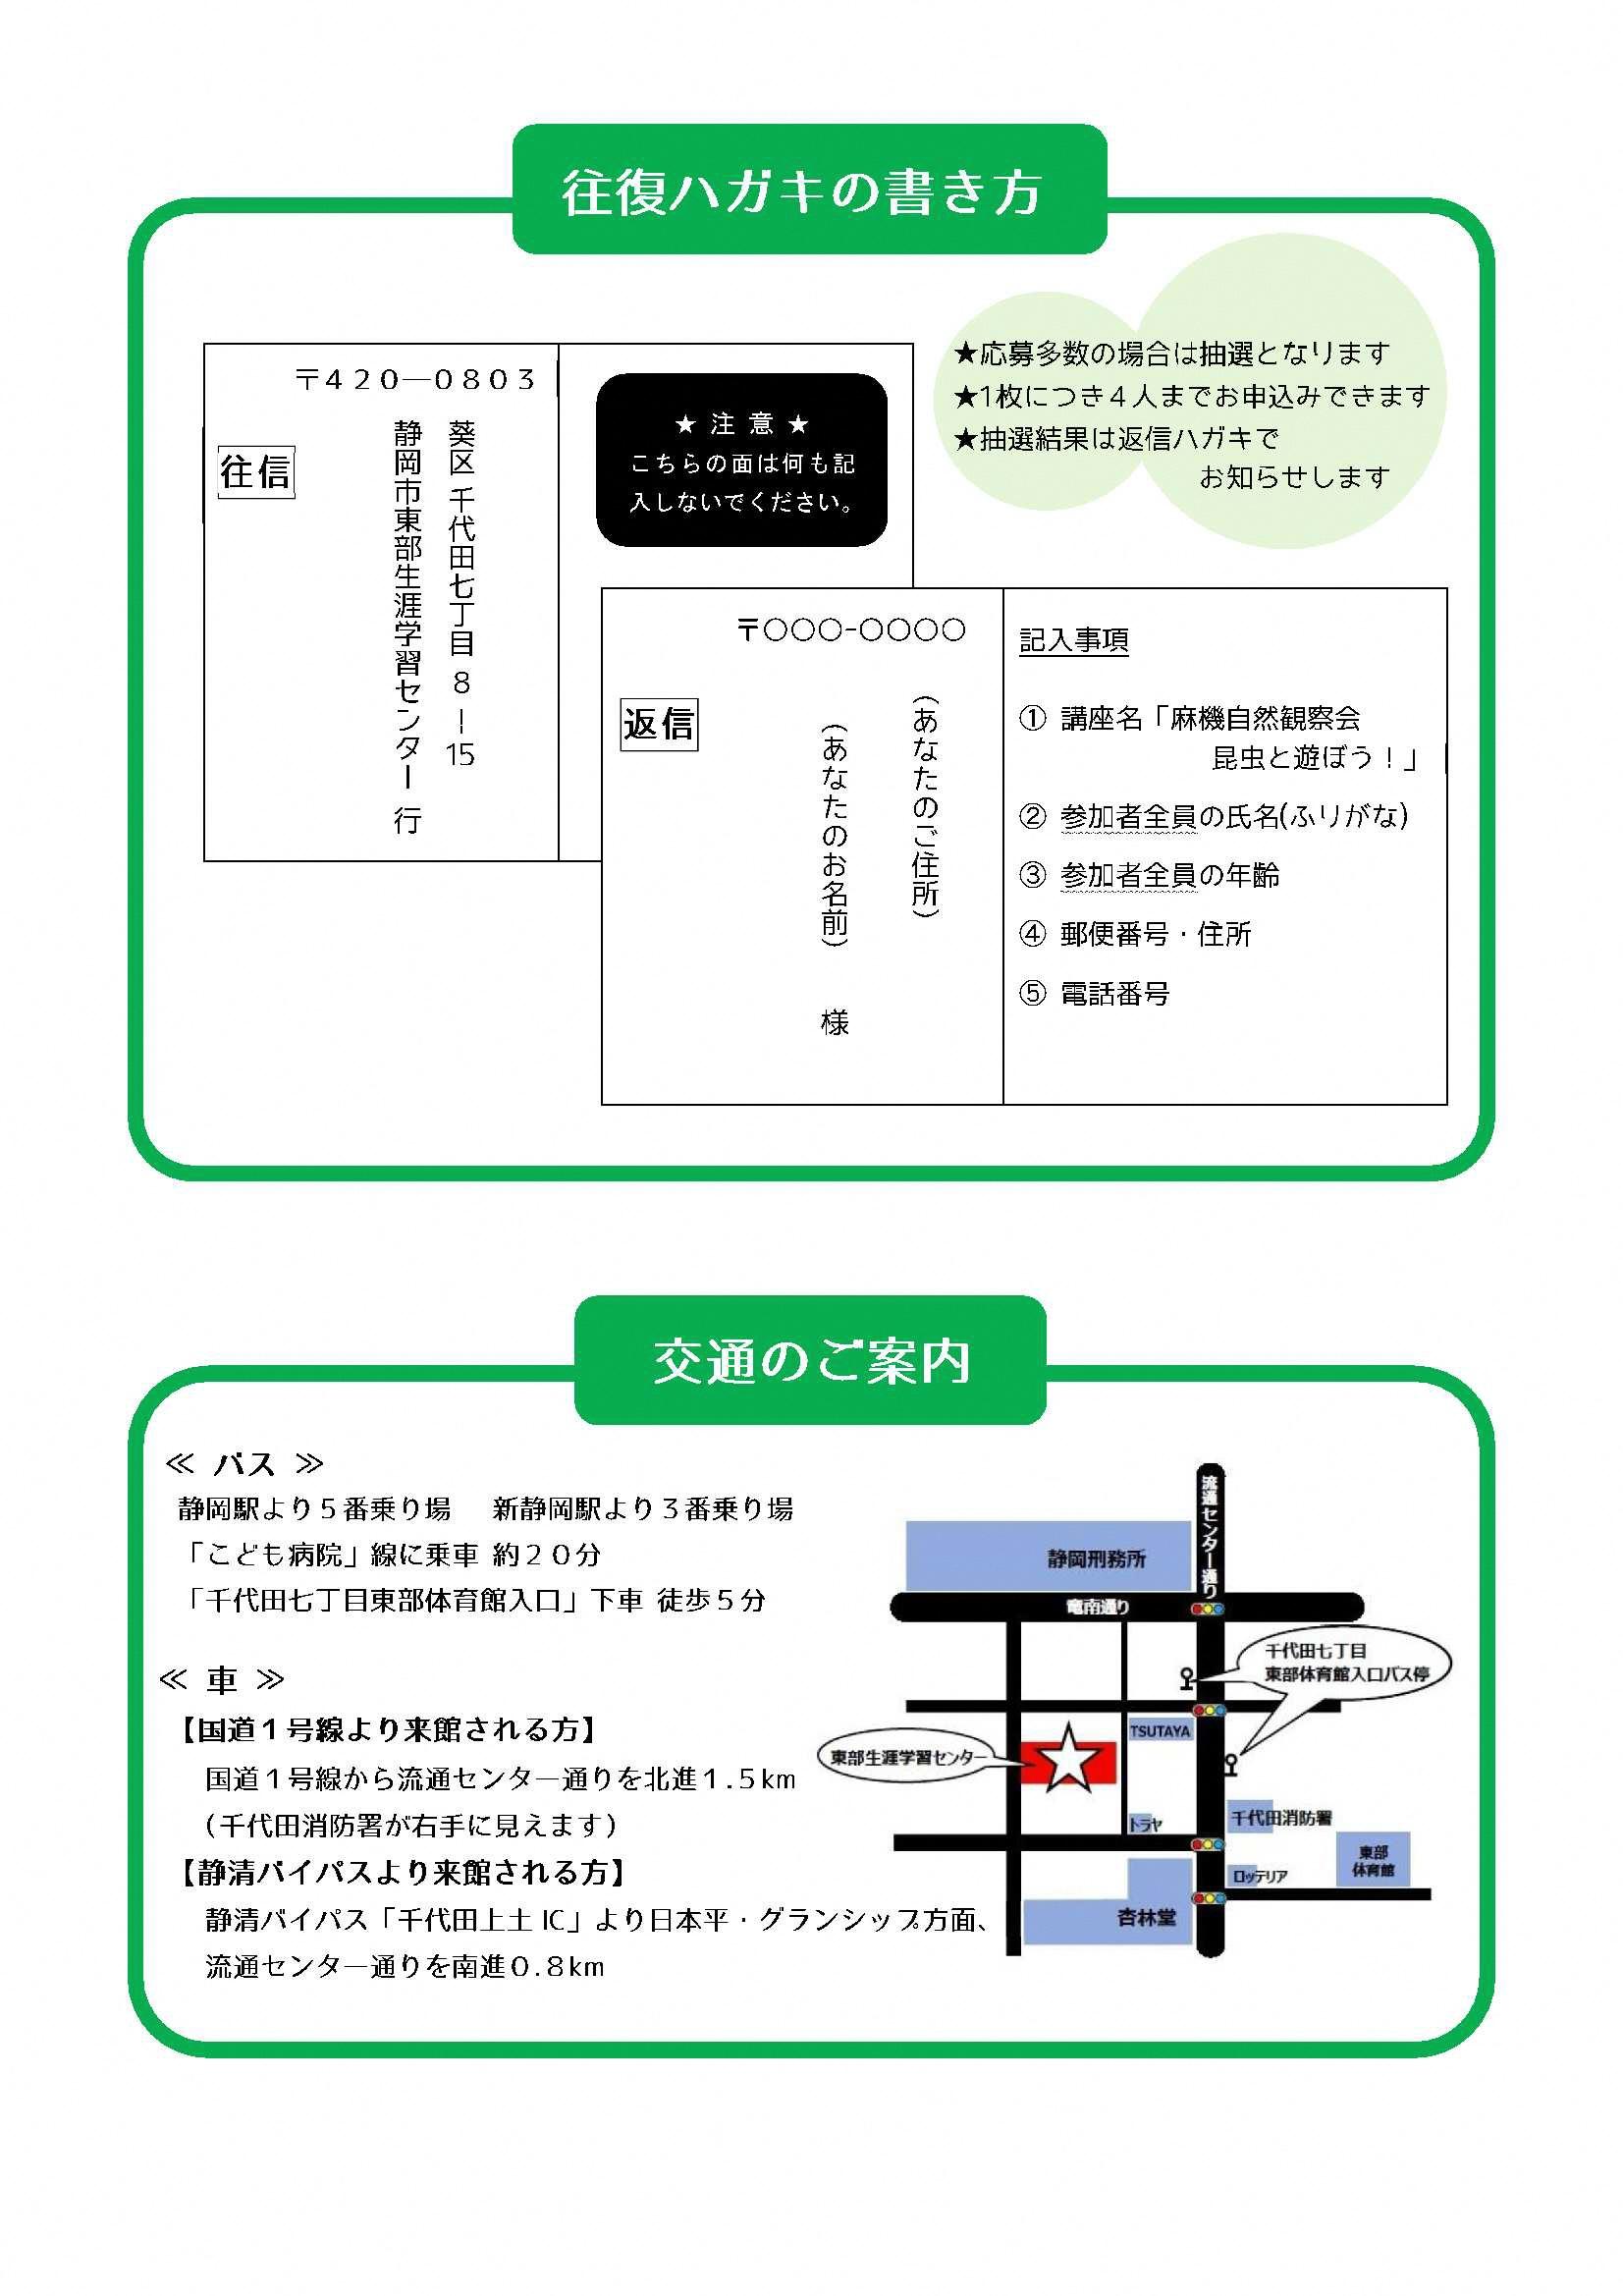 https://www.shizutan.jp/learning/2019/06/20/images/R1%E6%9D%B1%E9%83%A8%E6%98%86%E8%99%AB-2.jpg